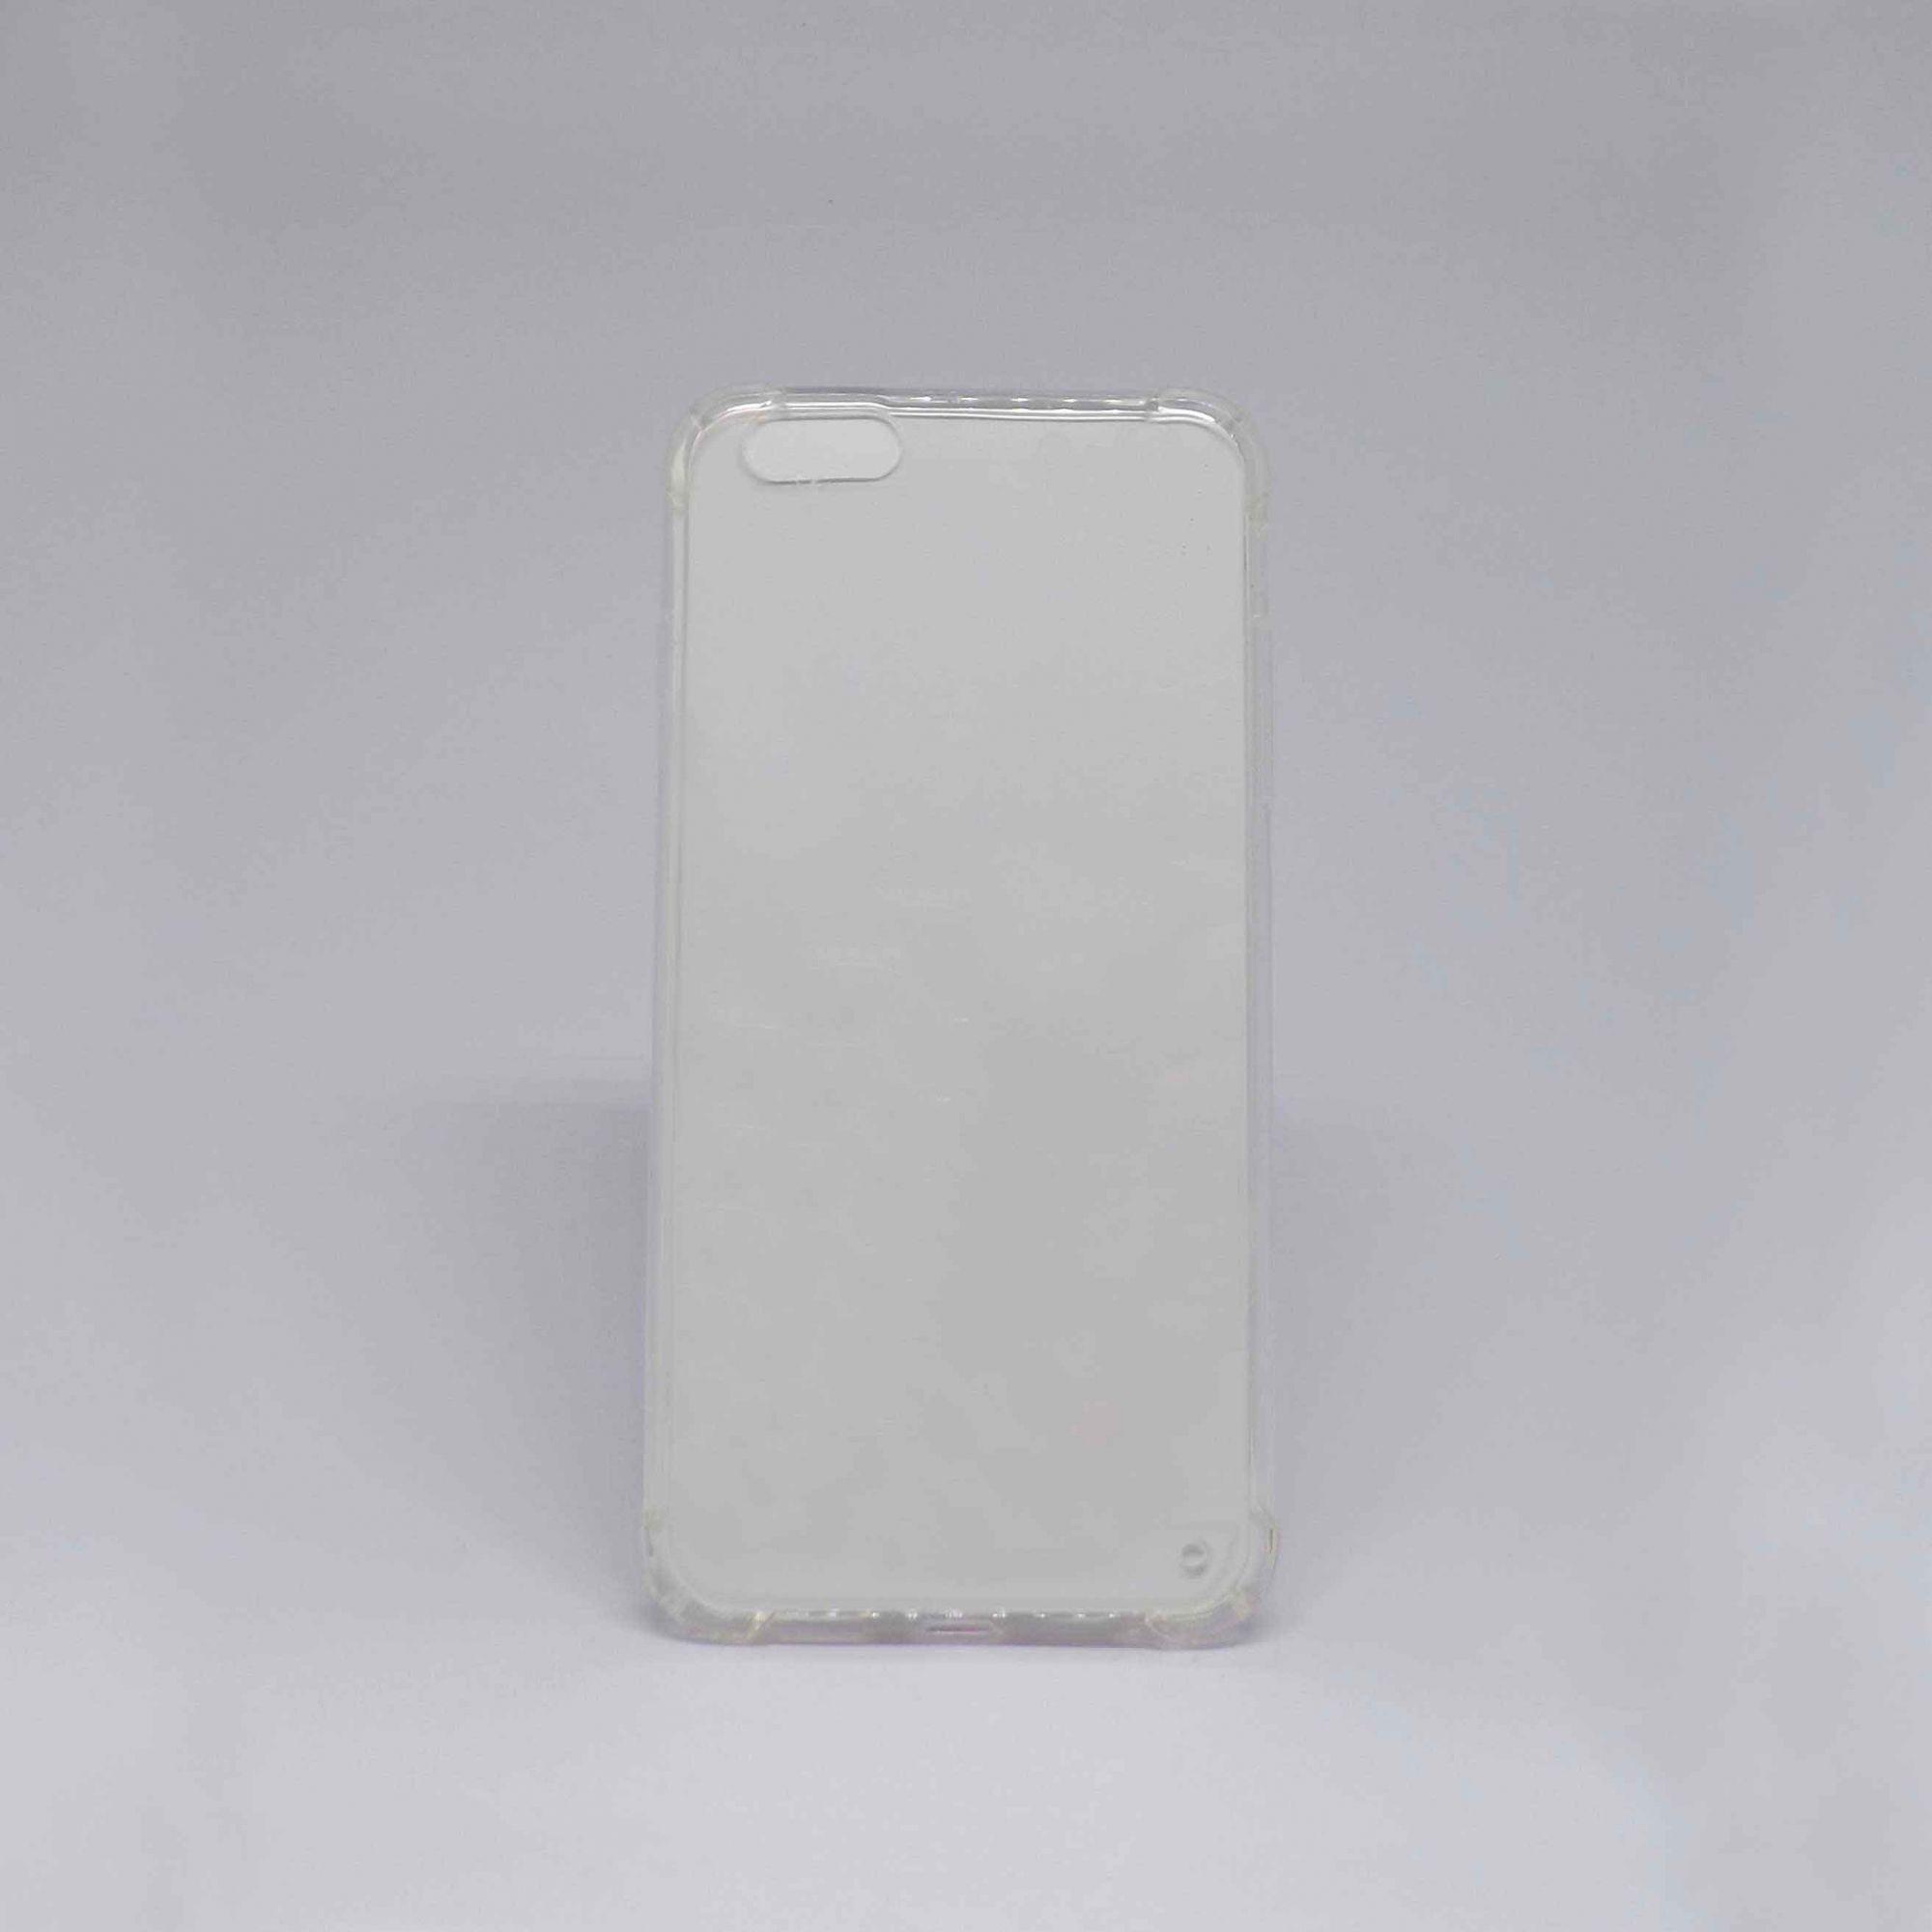 Capa Iphone 6s Plus Antiqueda Transparente